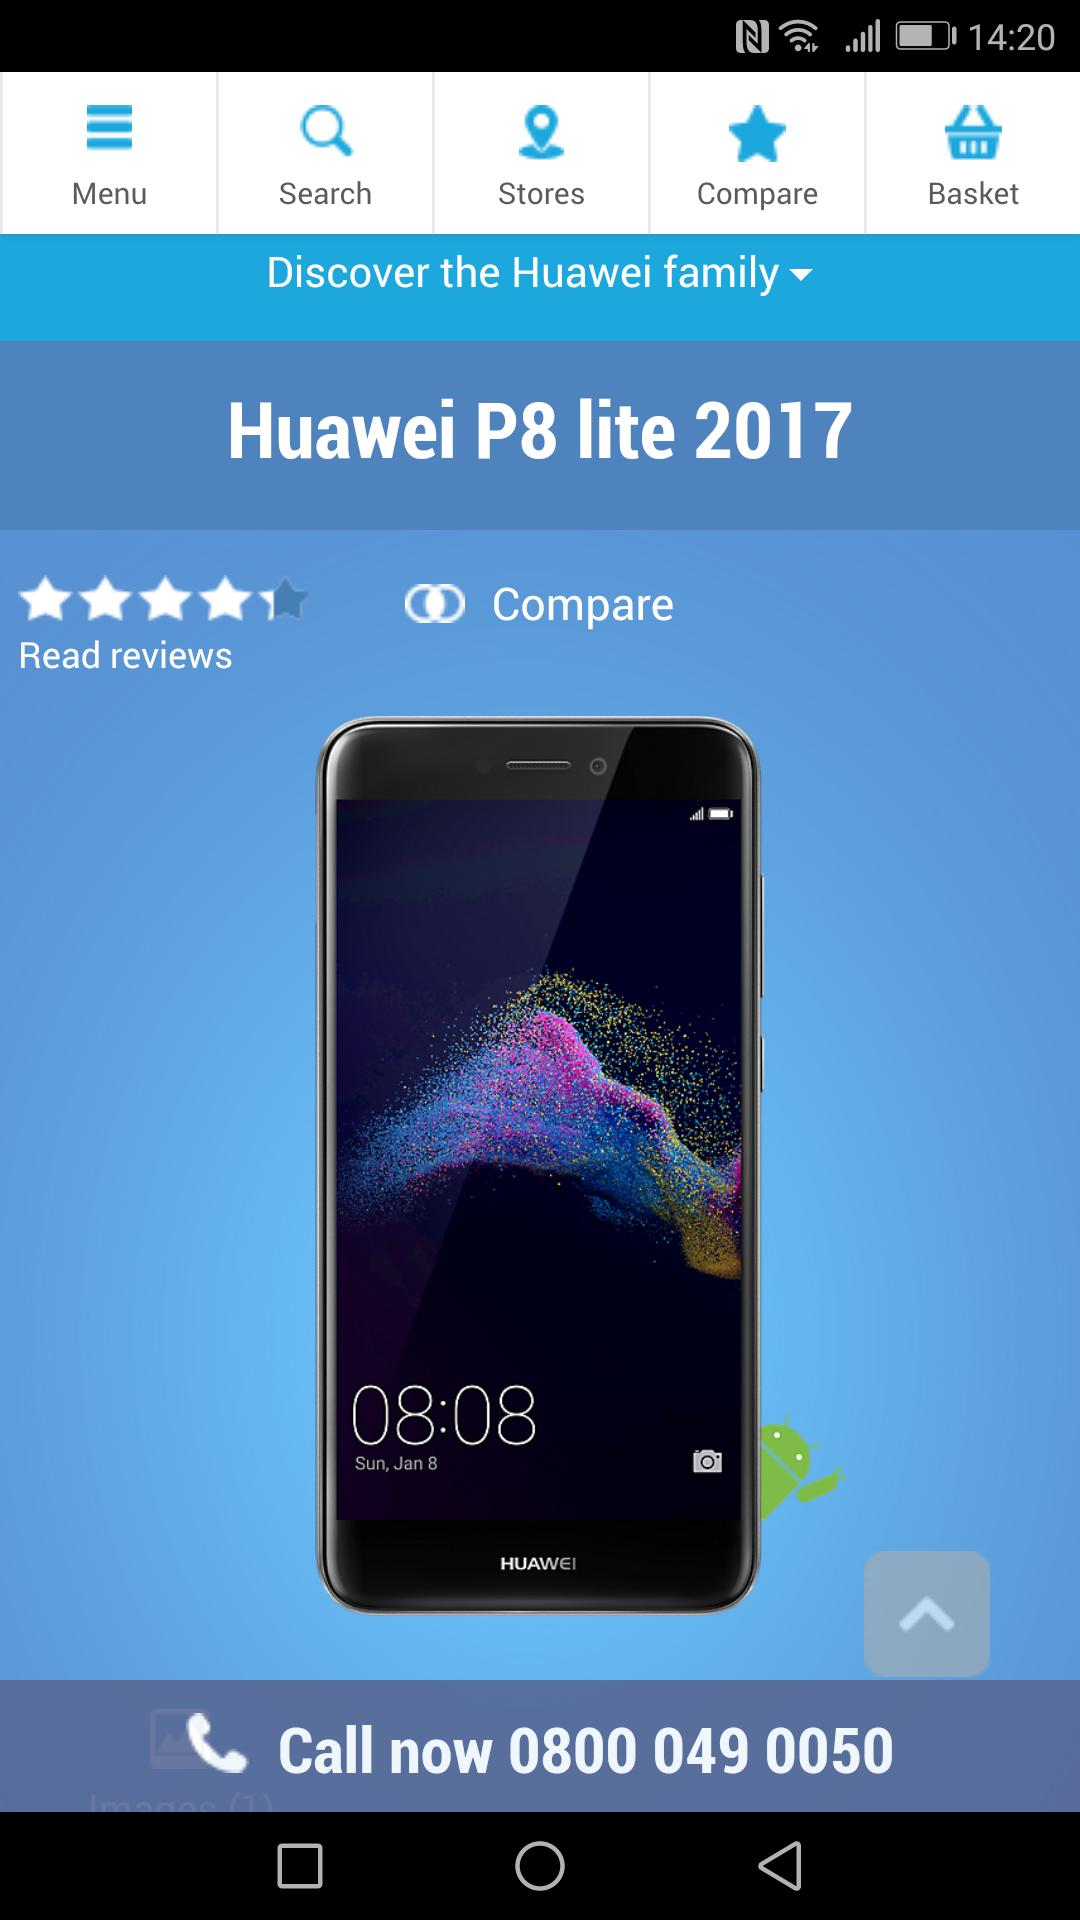 Huawei p8 lite 2017 carphone warehouse - £149.99